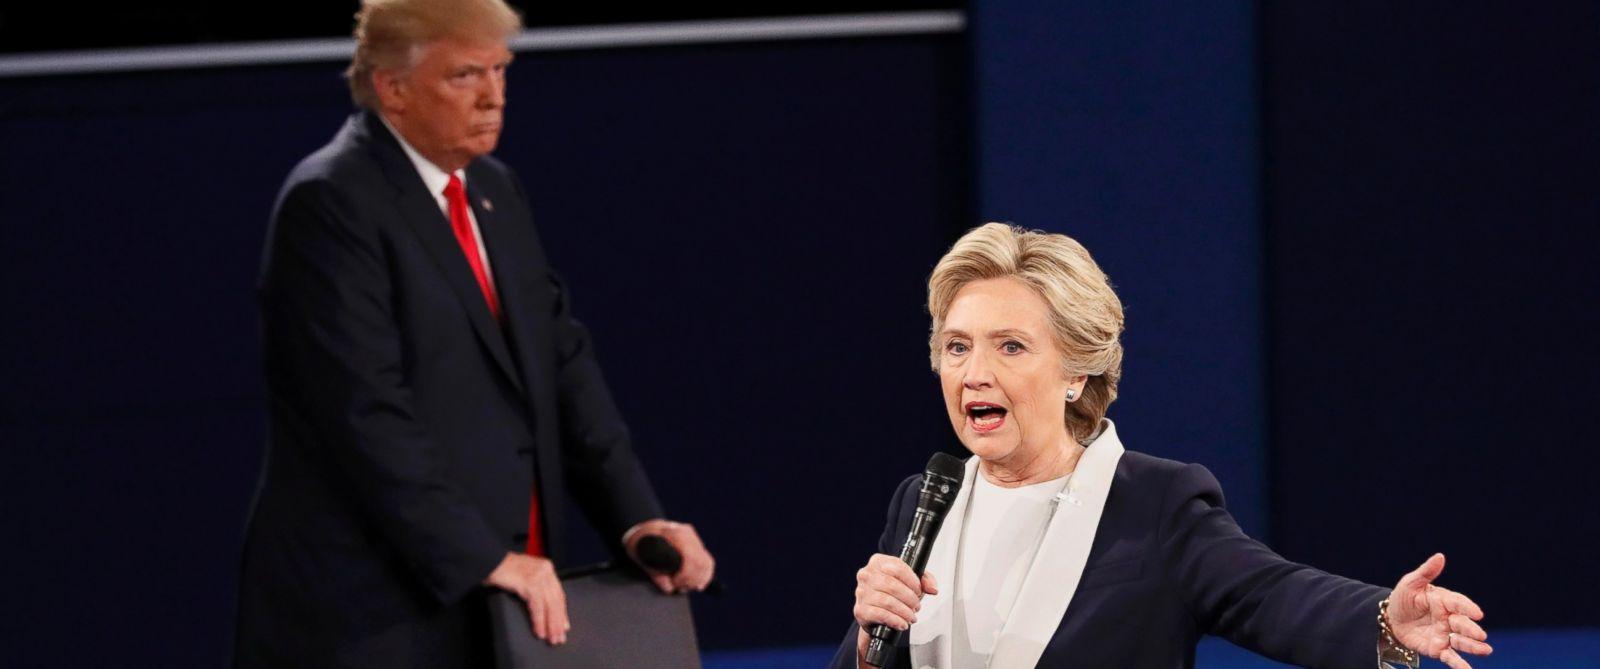 videos politics trump clinton debate louis never apologizes